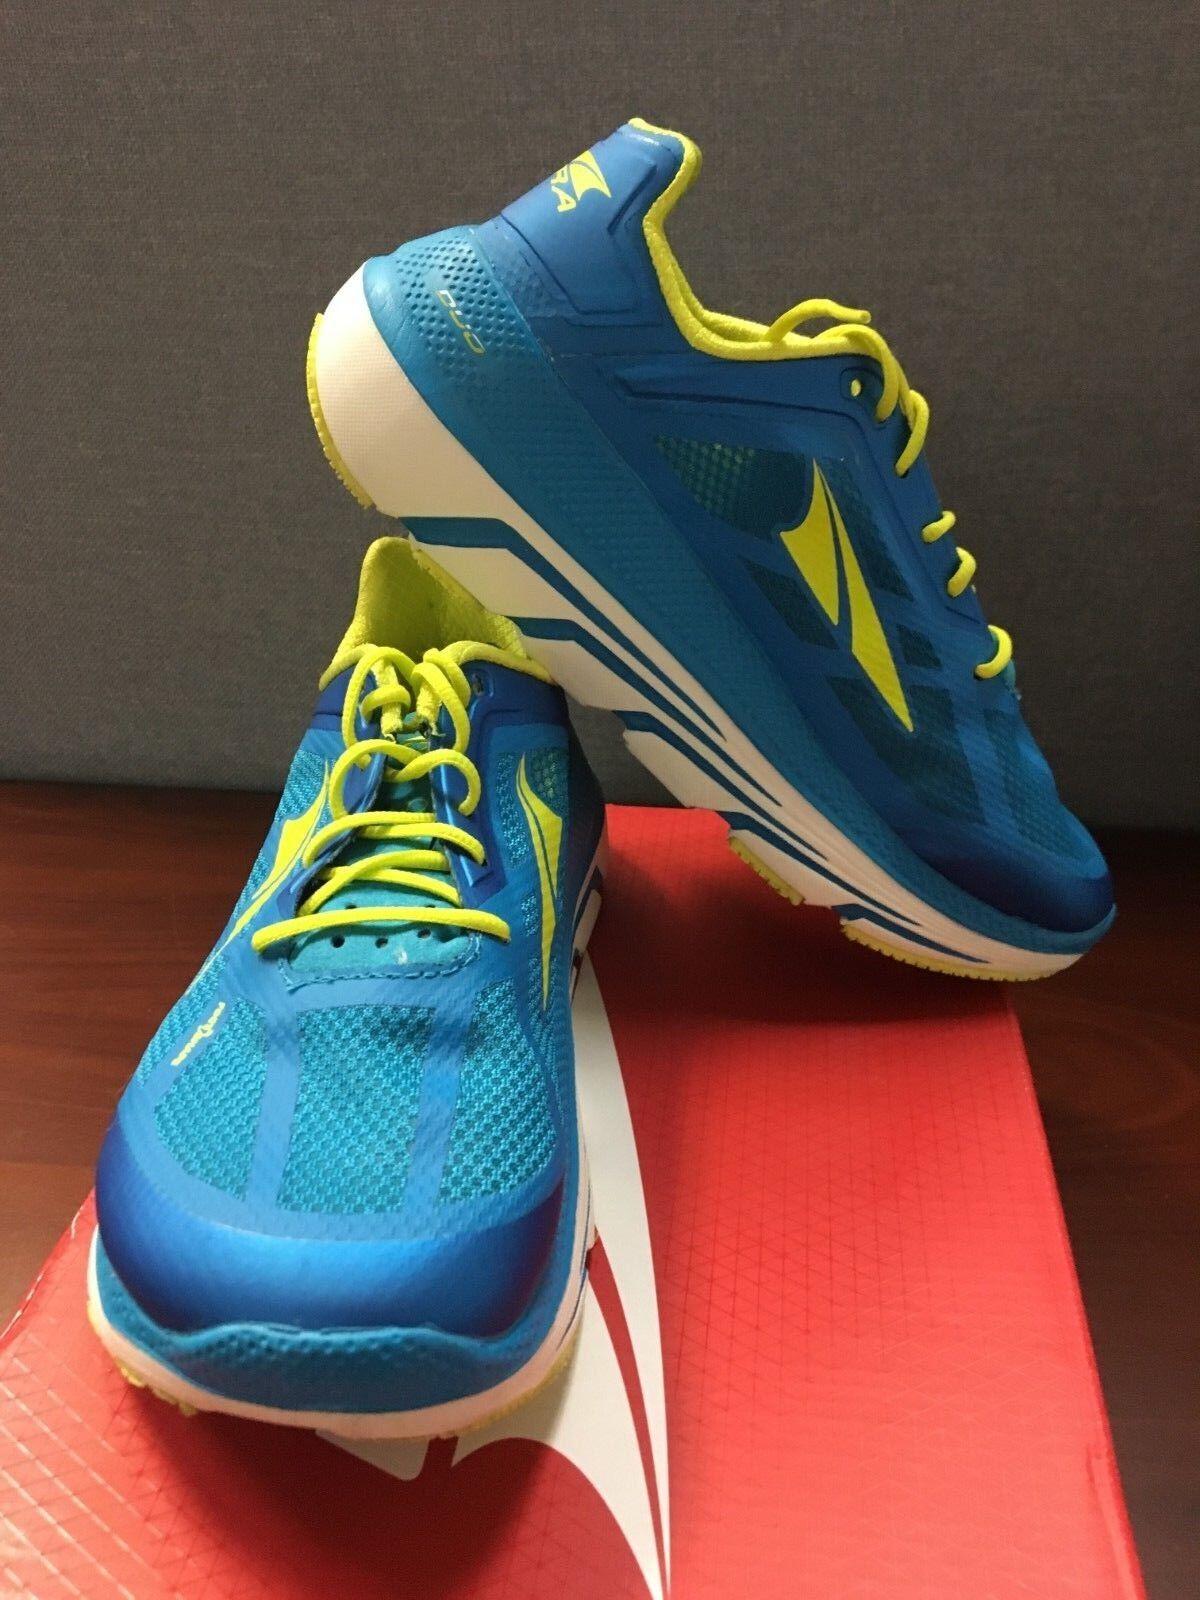 Altra Duo  Zapato-Mujer Correr SKU AFW1838F-4 Talla 6.5  la mejor oferta de tienda online